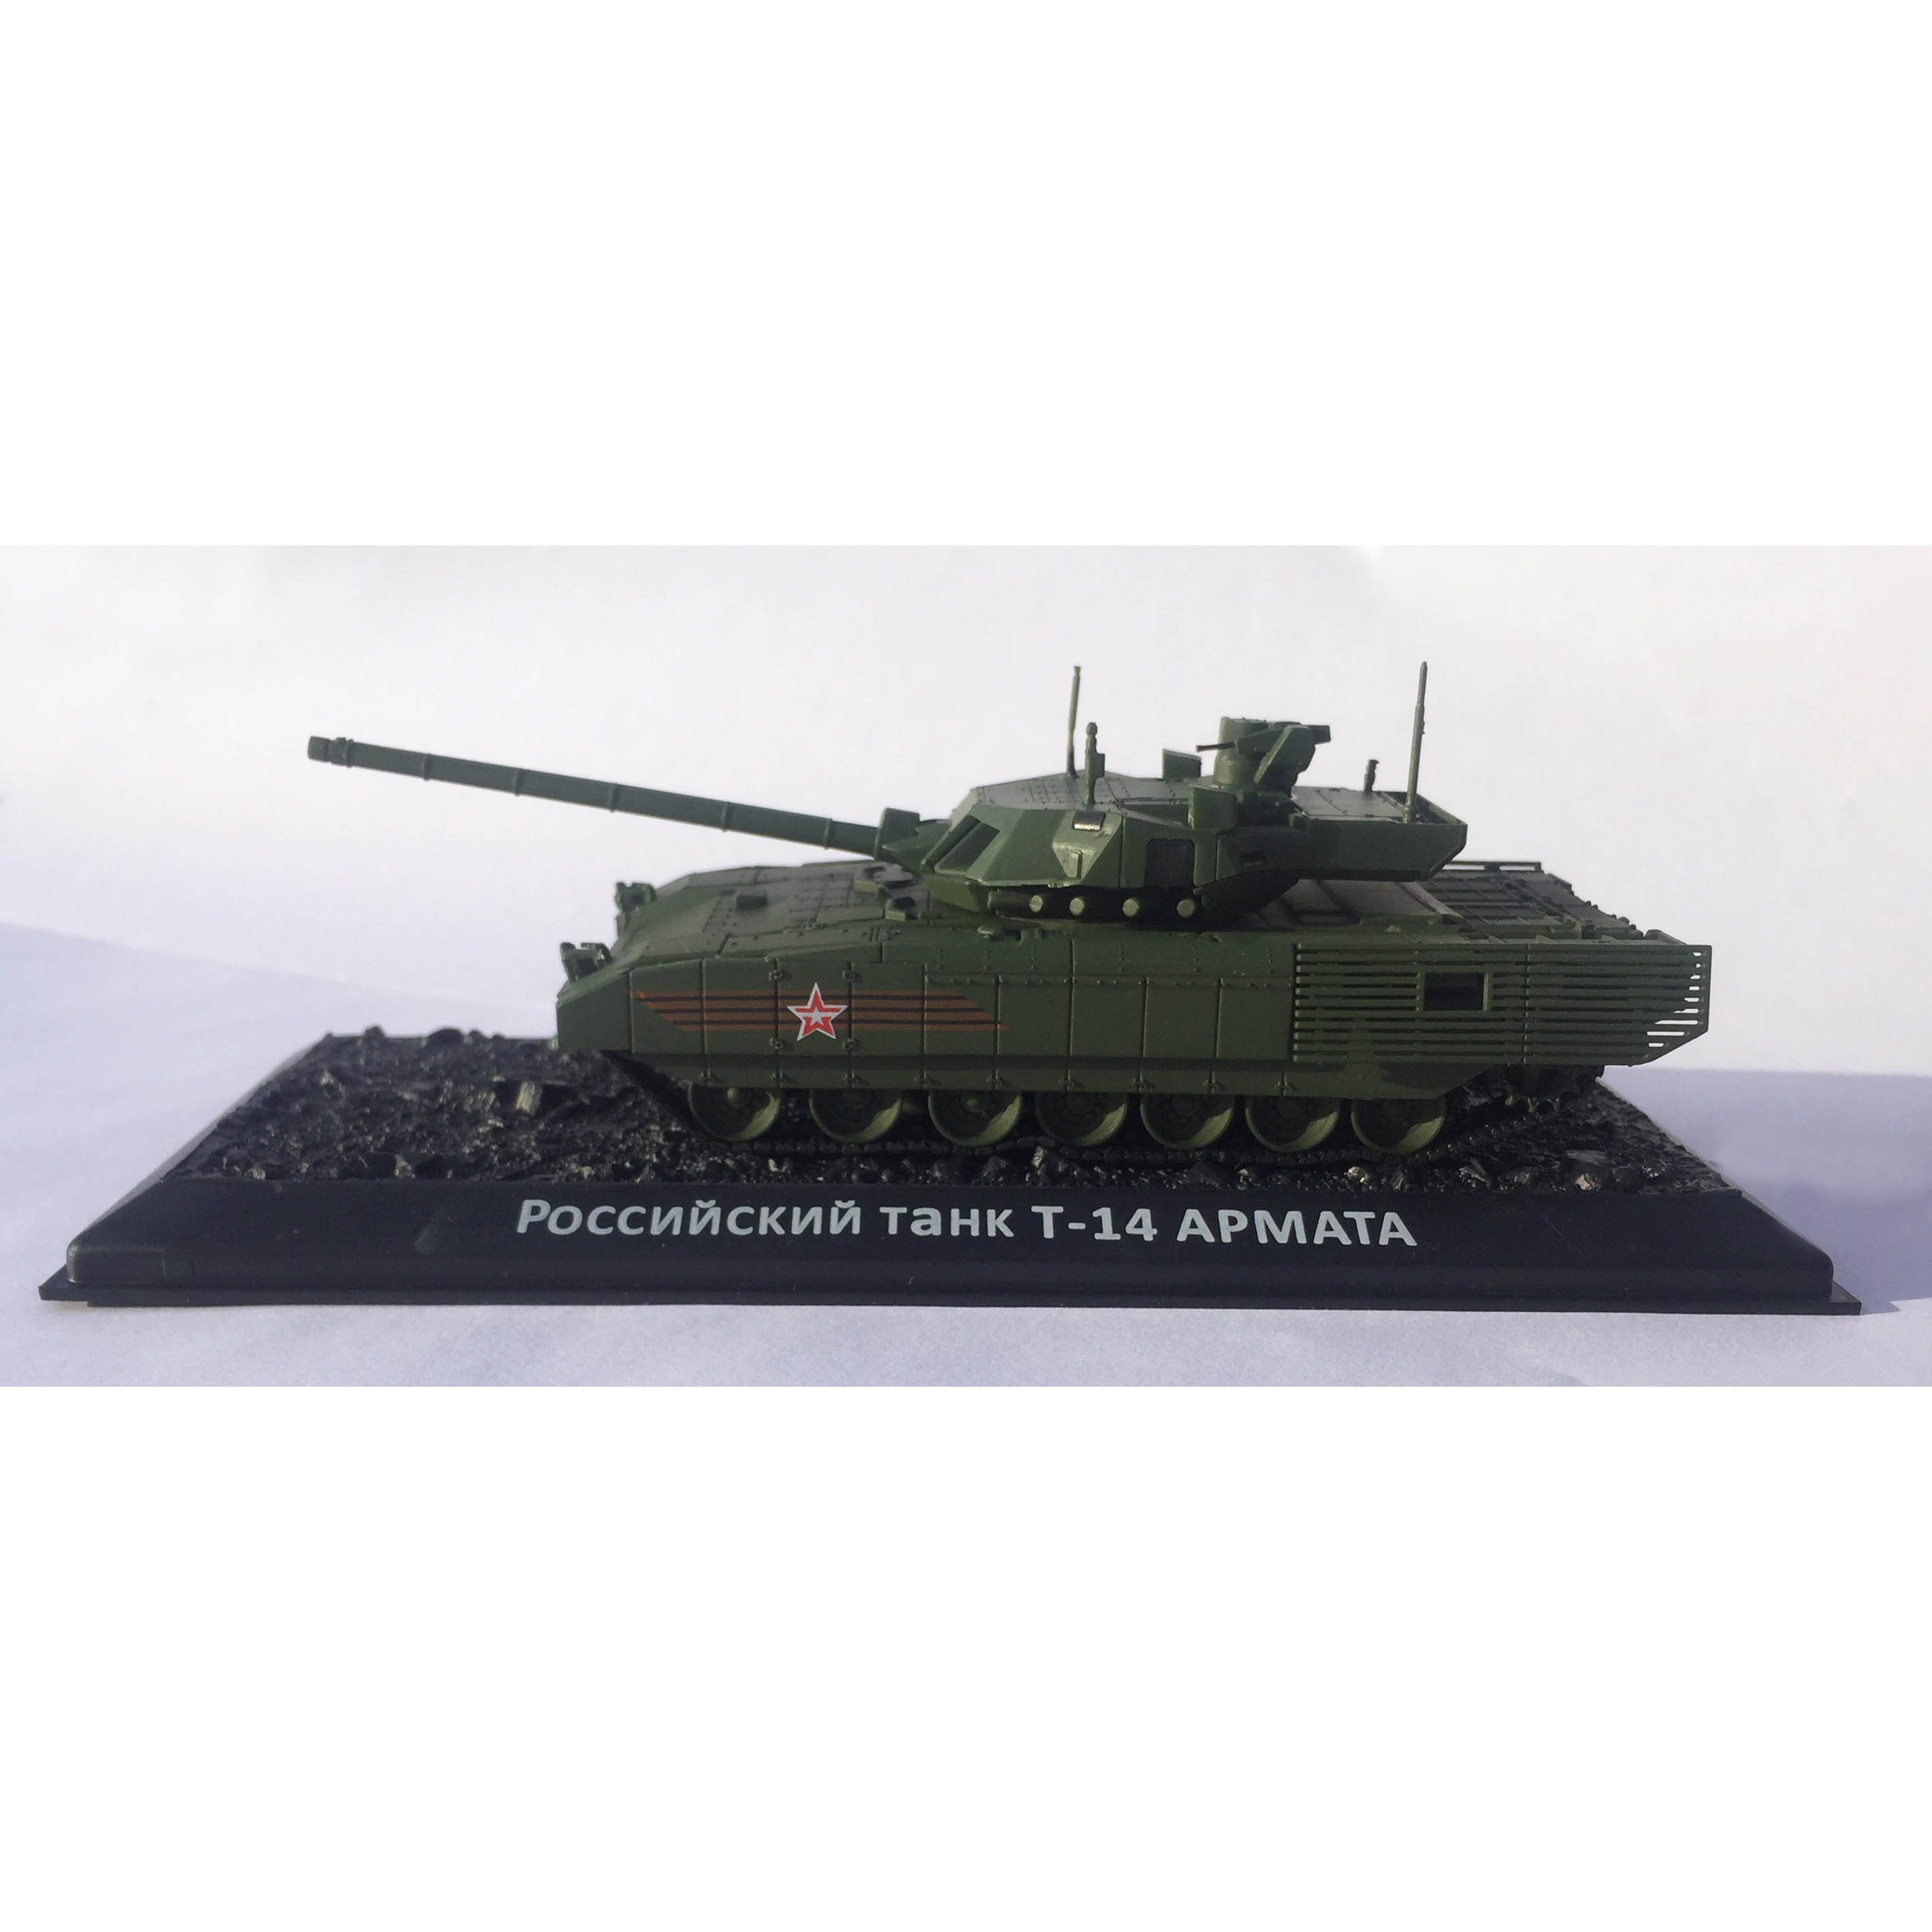 Модель сборная - Российский основной боевой танк Т-14 - АрматаМодели танков для склеивания<br>Модель сборная - Российский основной боевой танк Т-14 - Армата<br>